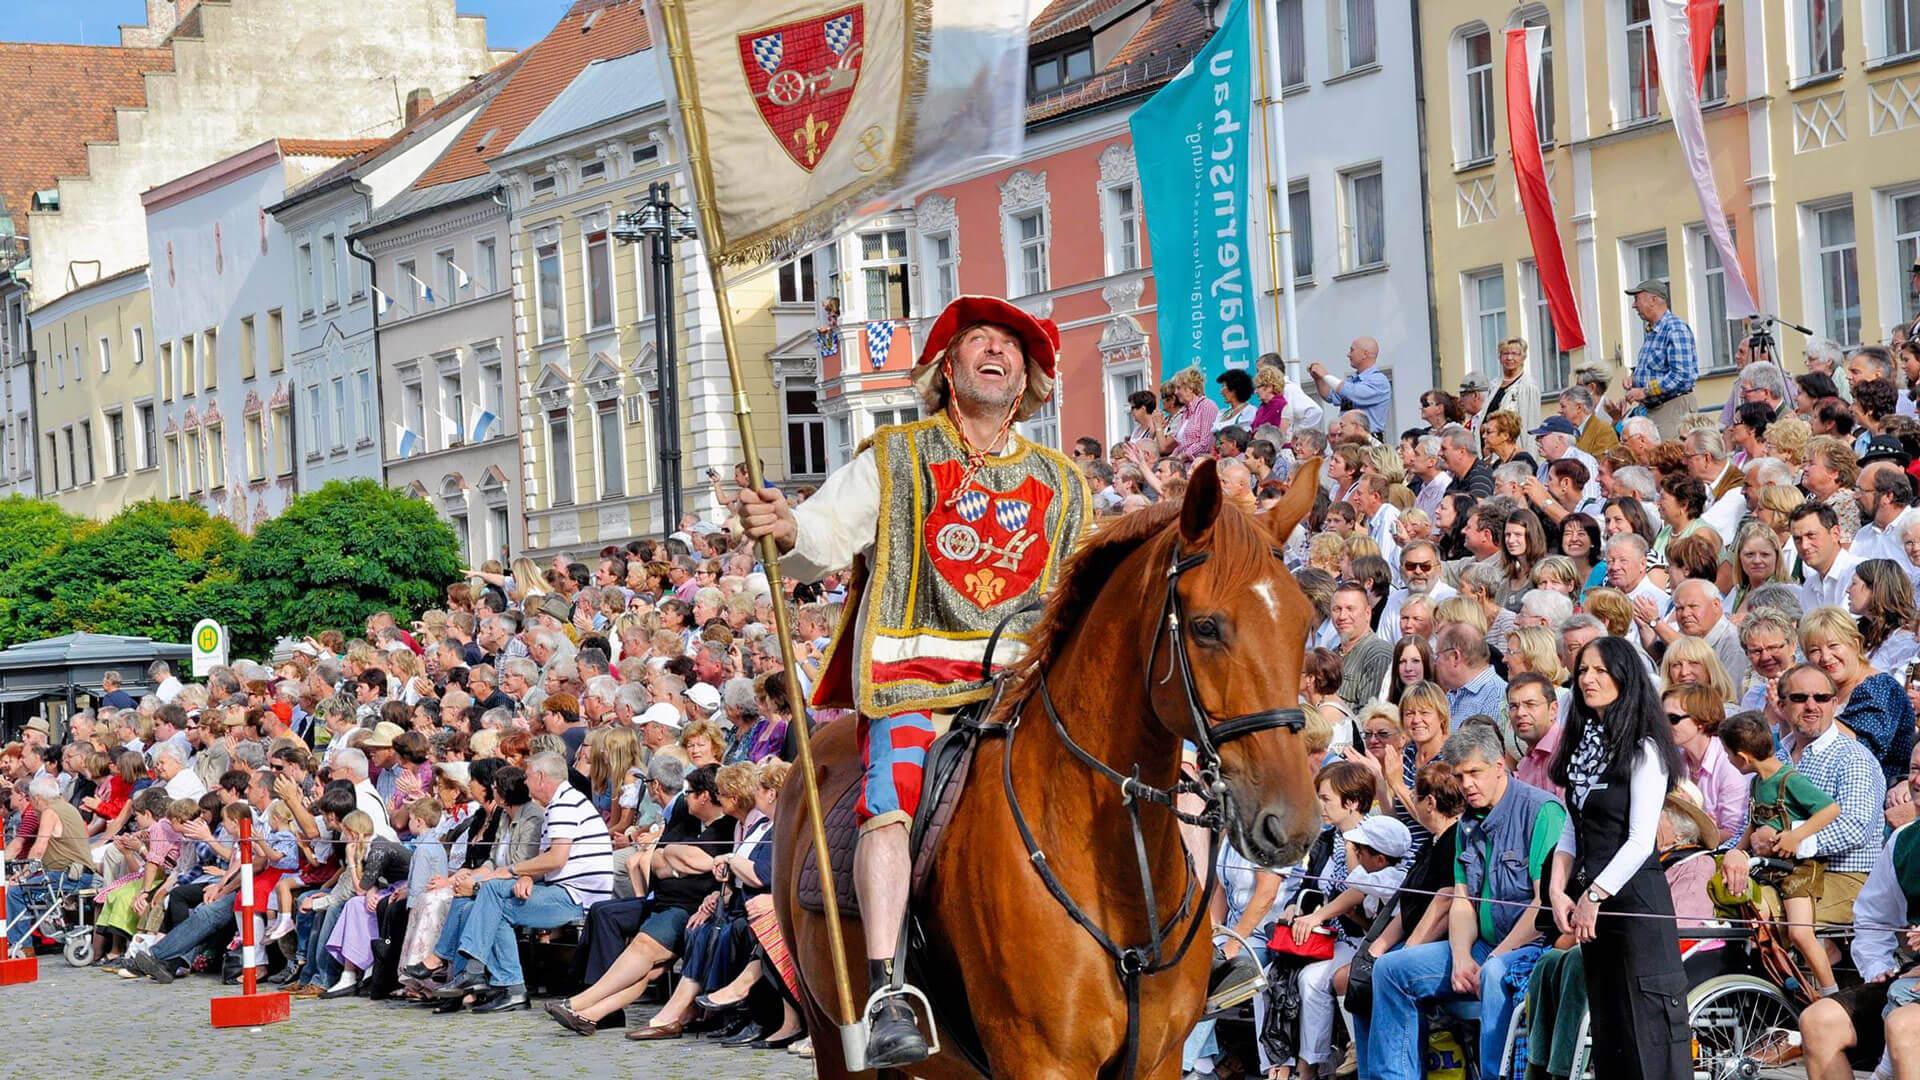 Eine Person reitet mit der Straubinger Flagge